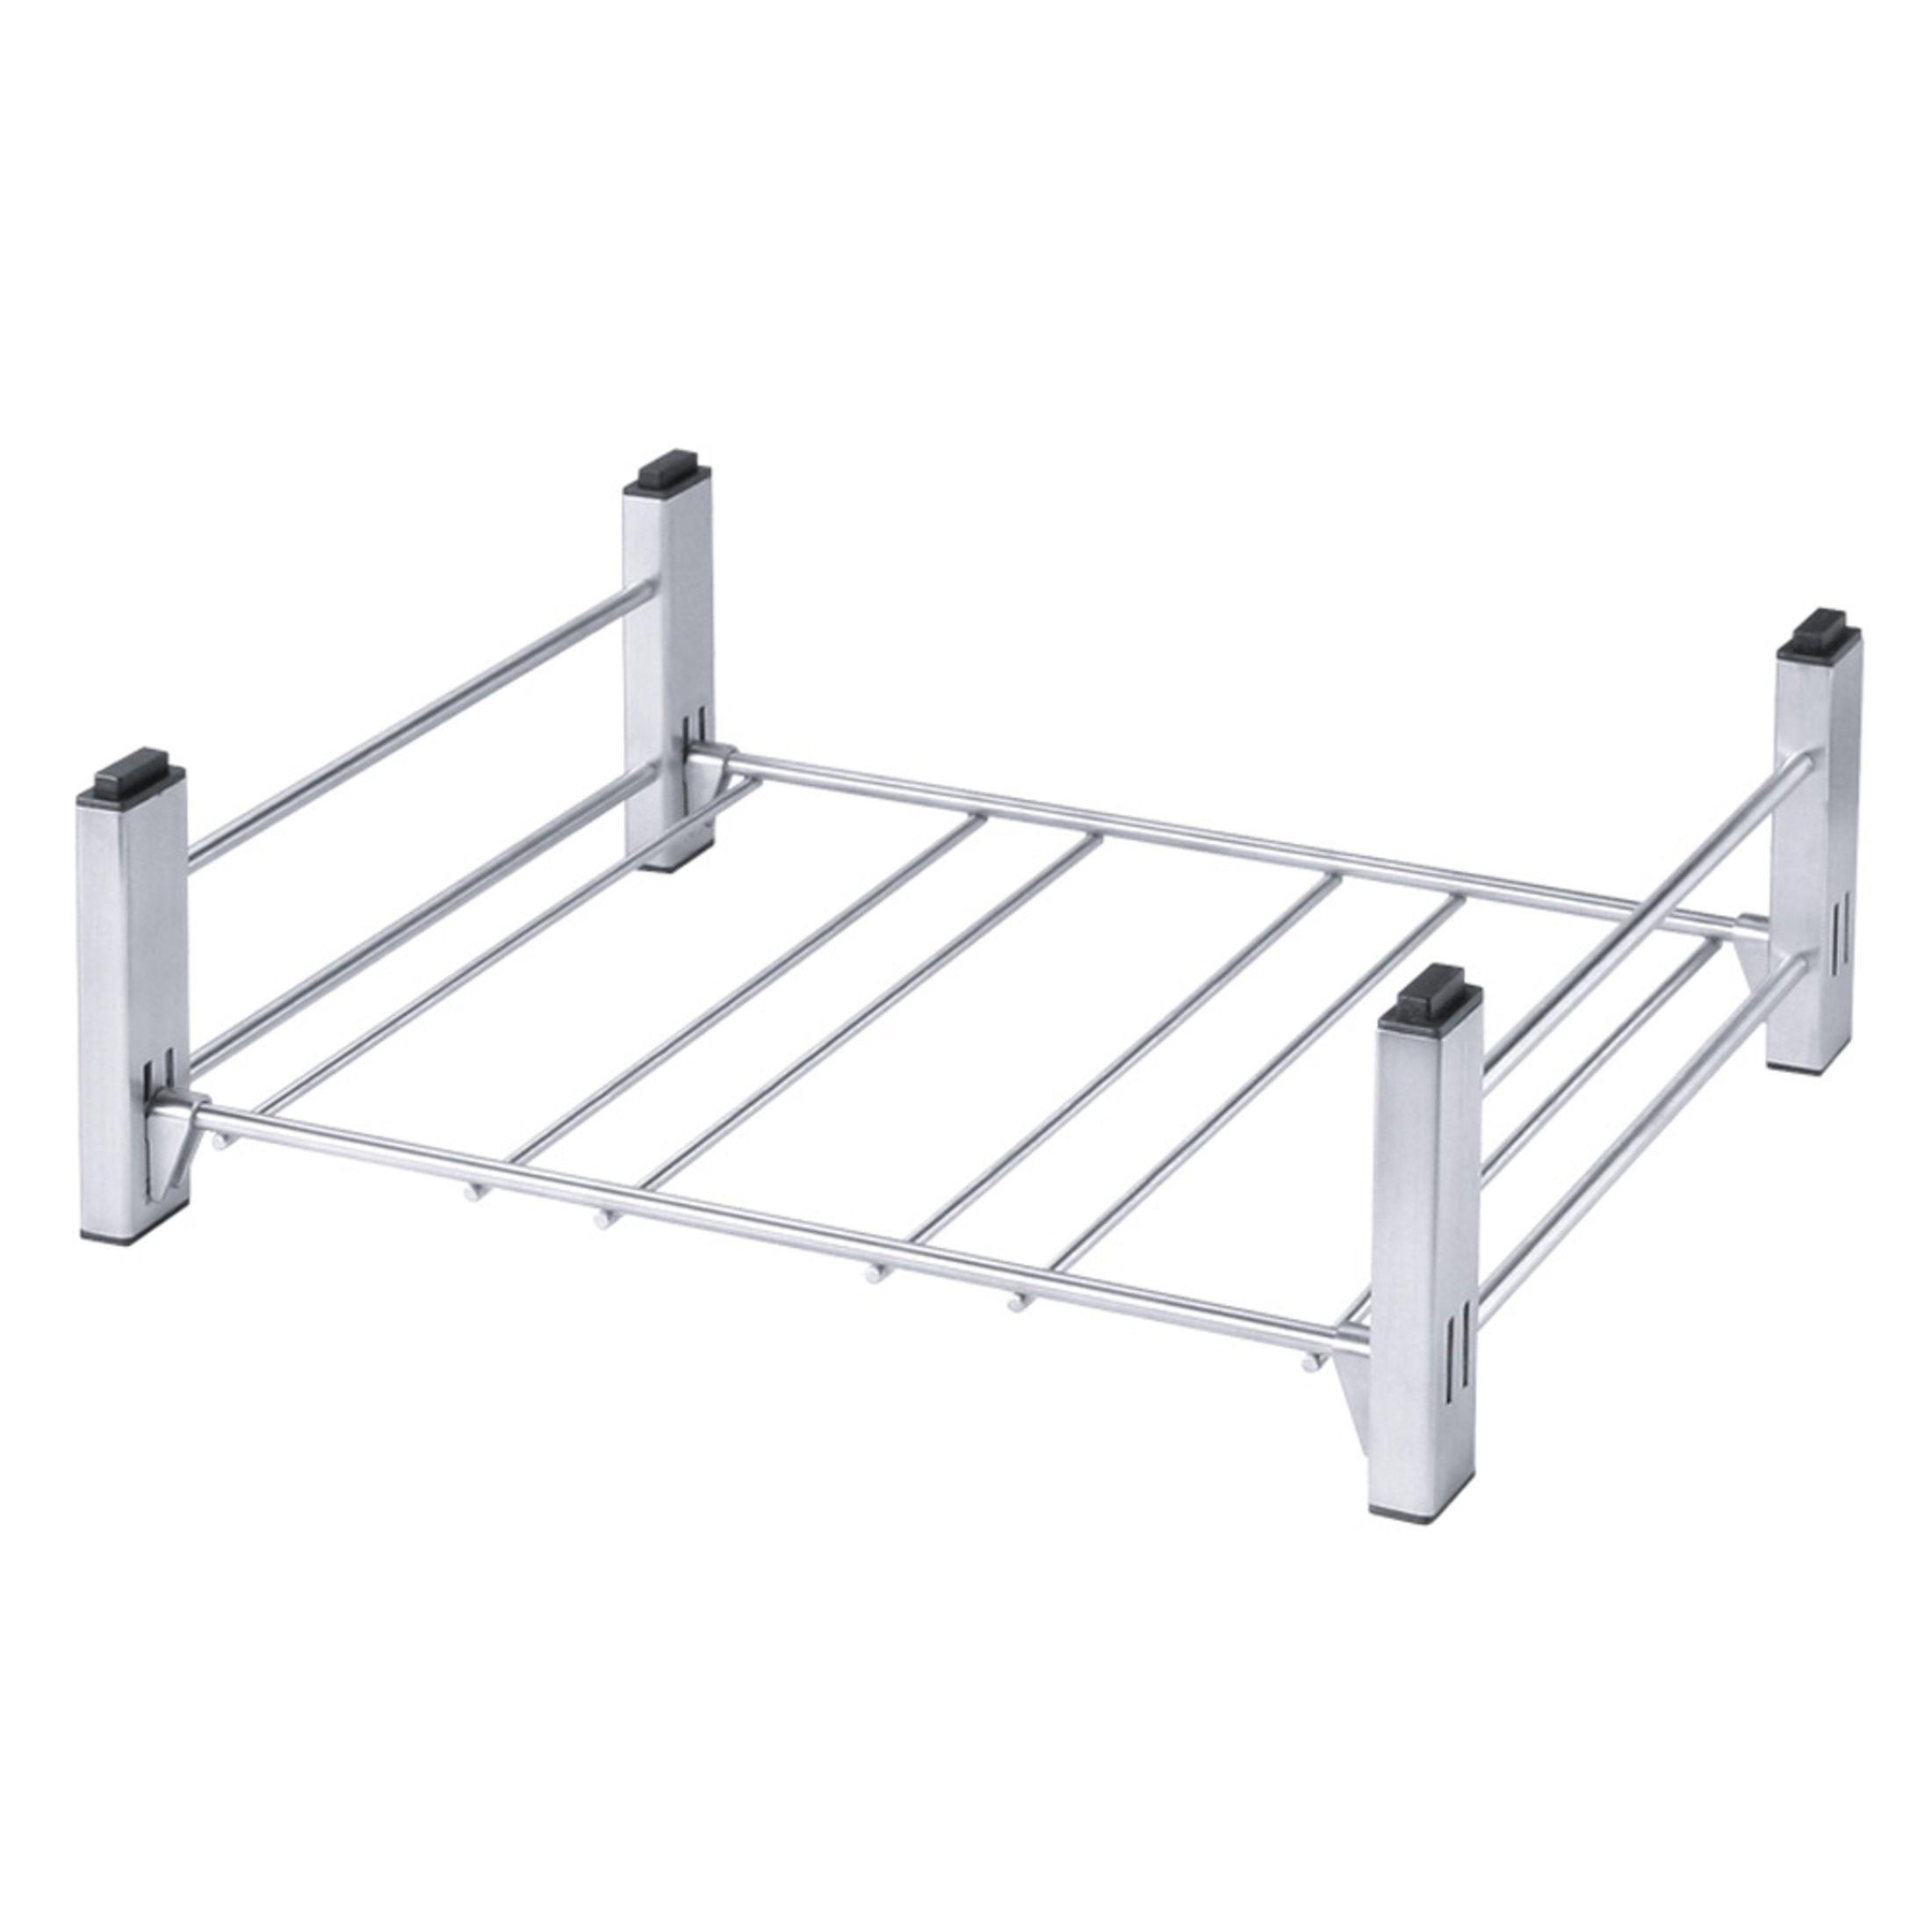 weinregal flaschenregal system aldo metall edelstahl. Black Bedroom Furniture Sets. Home Design Ideas